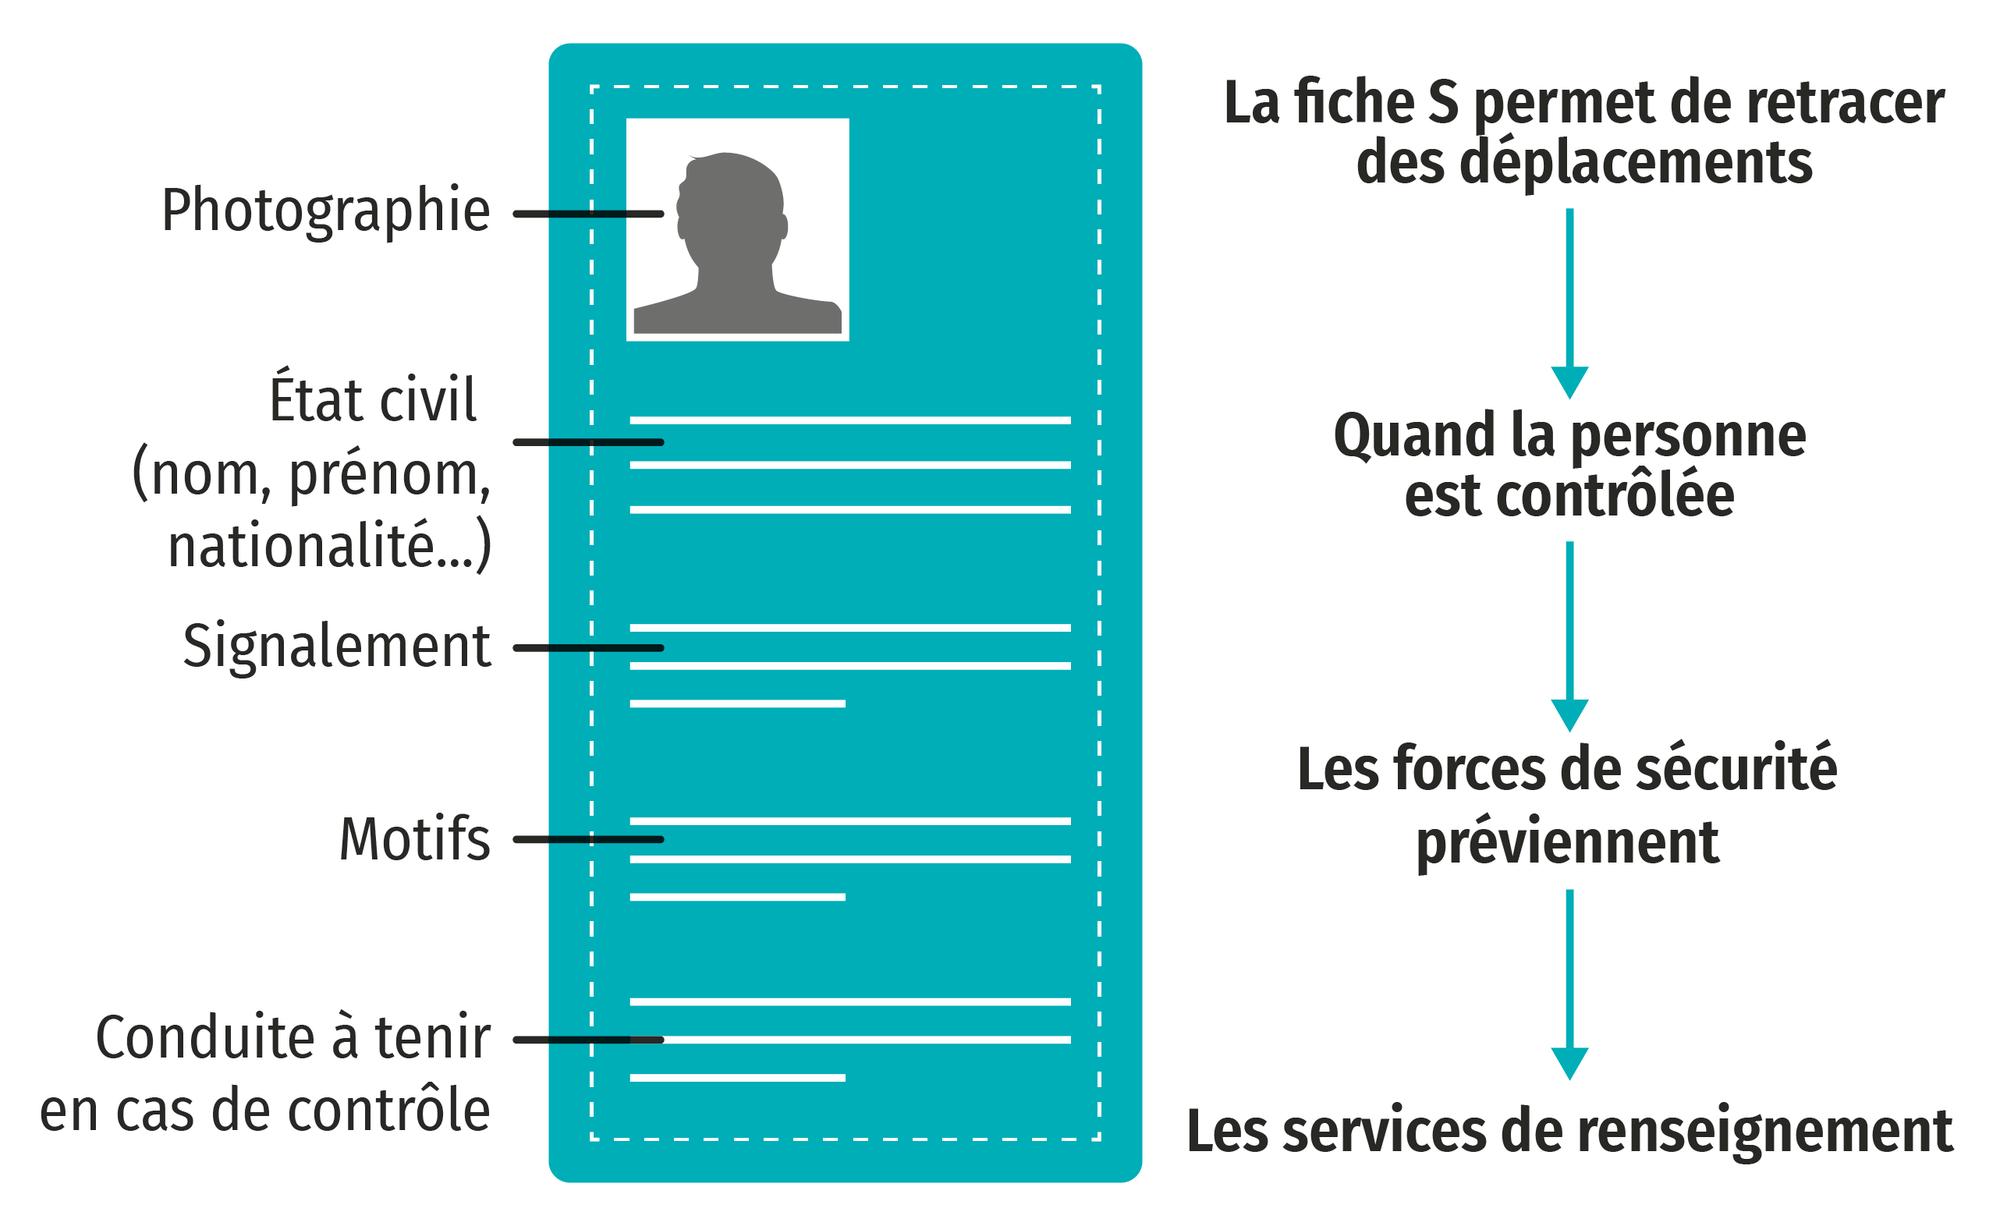 « Les fiches S : sans suivi, rien ne sert de ficher », Le Point et AFP, 28 juillet 2016.